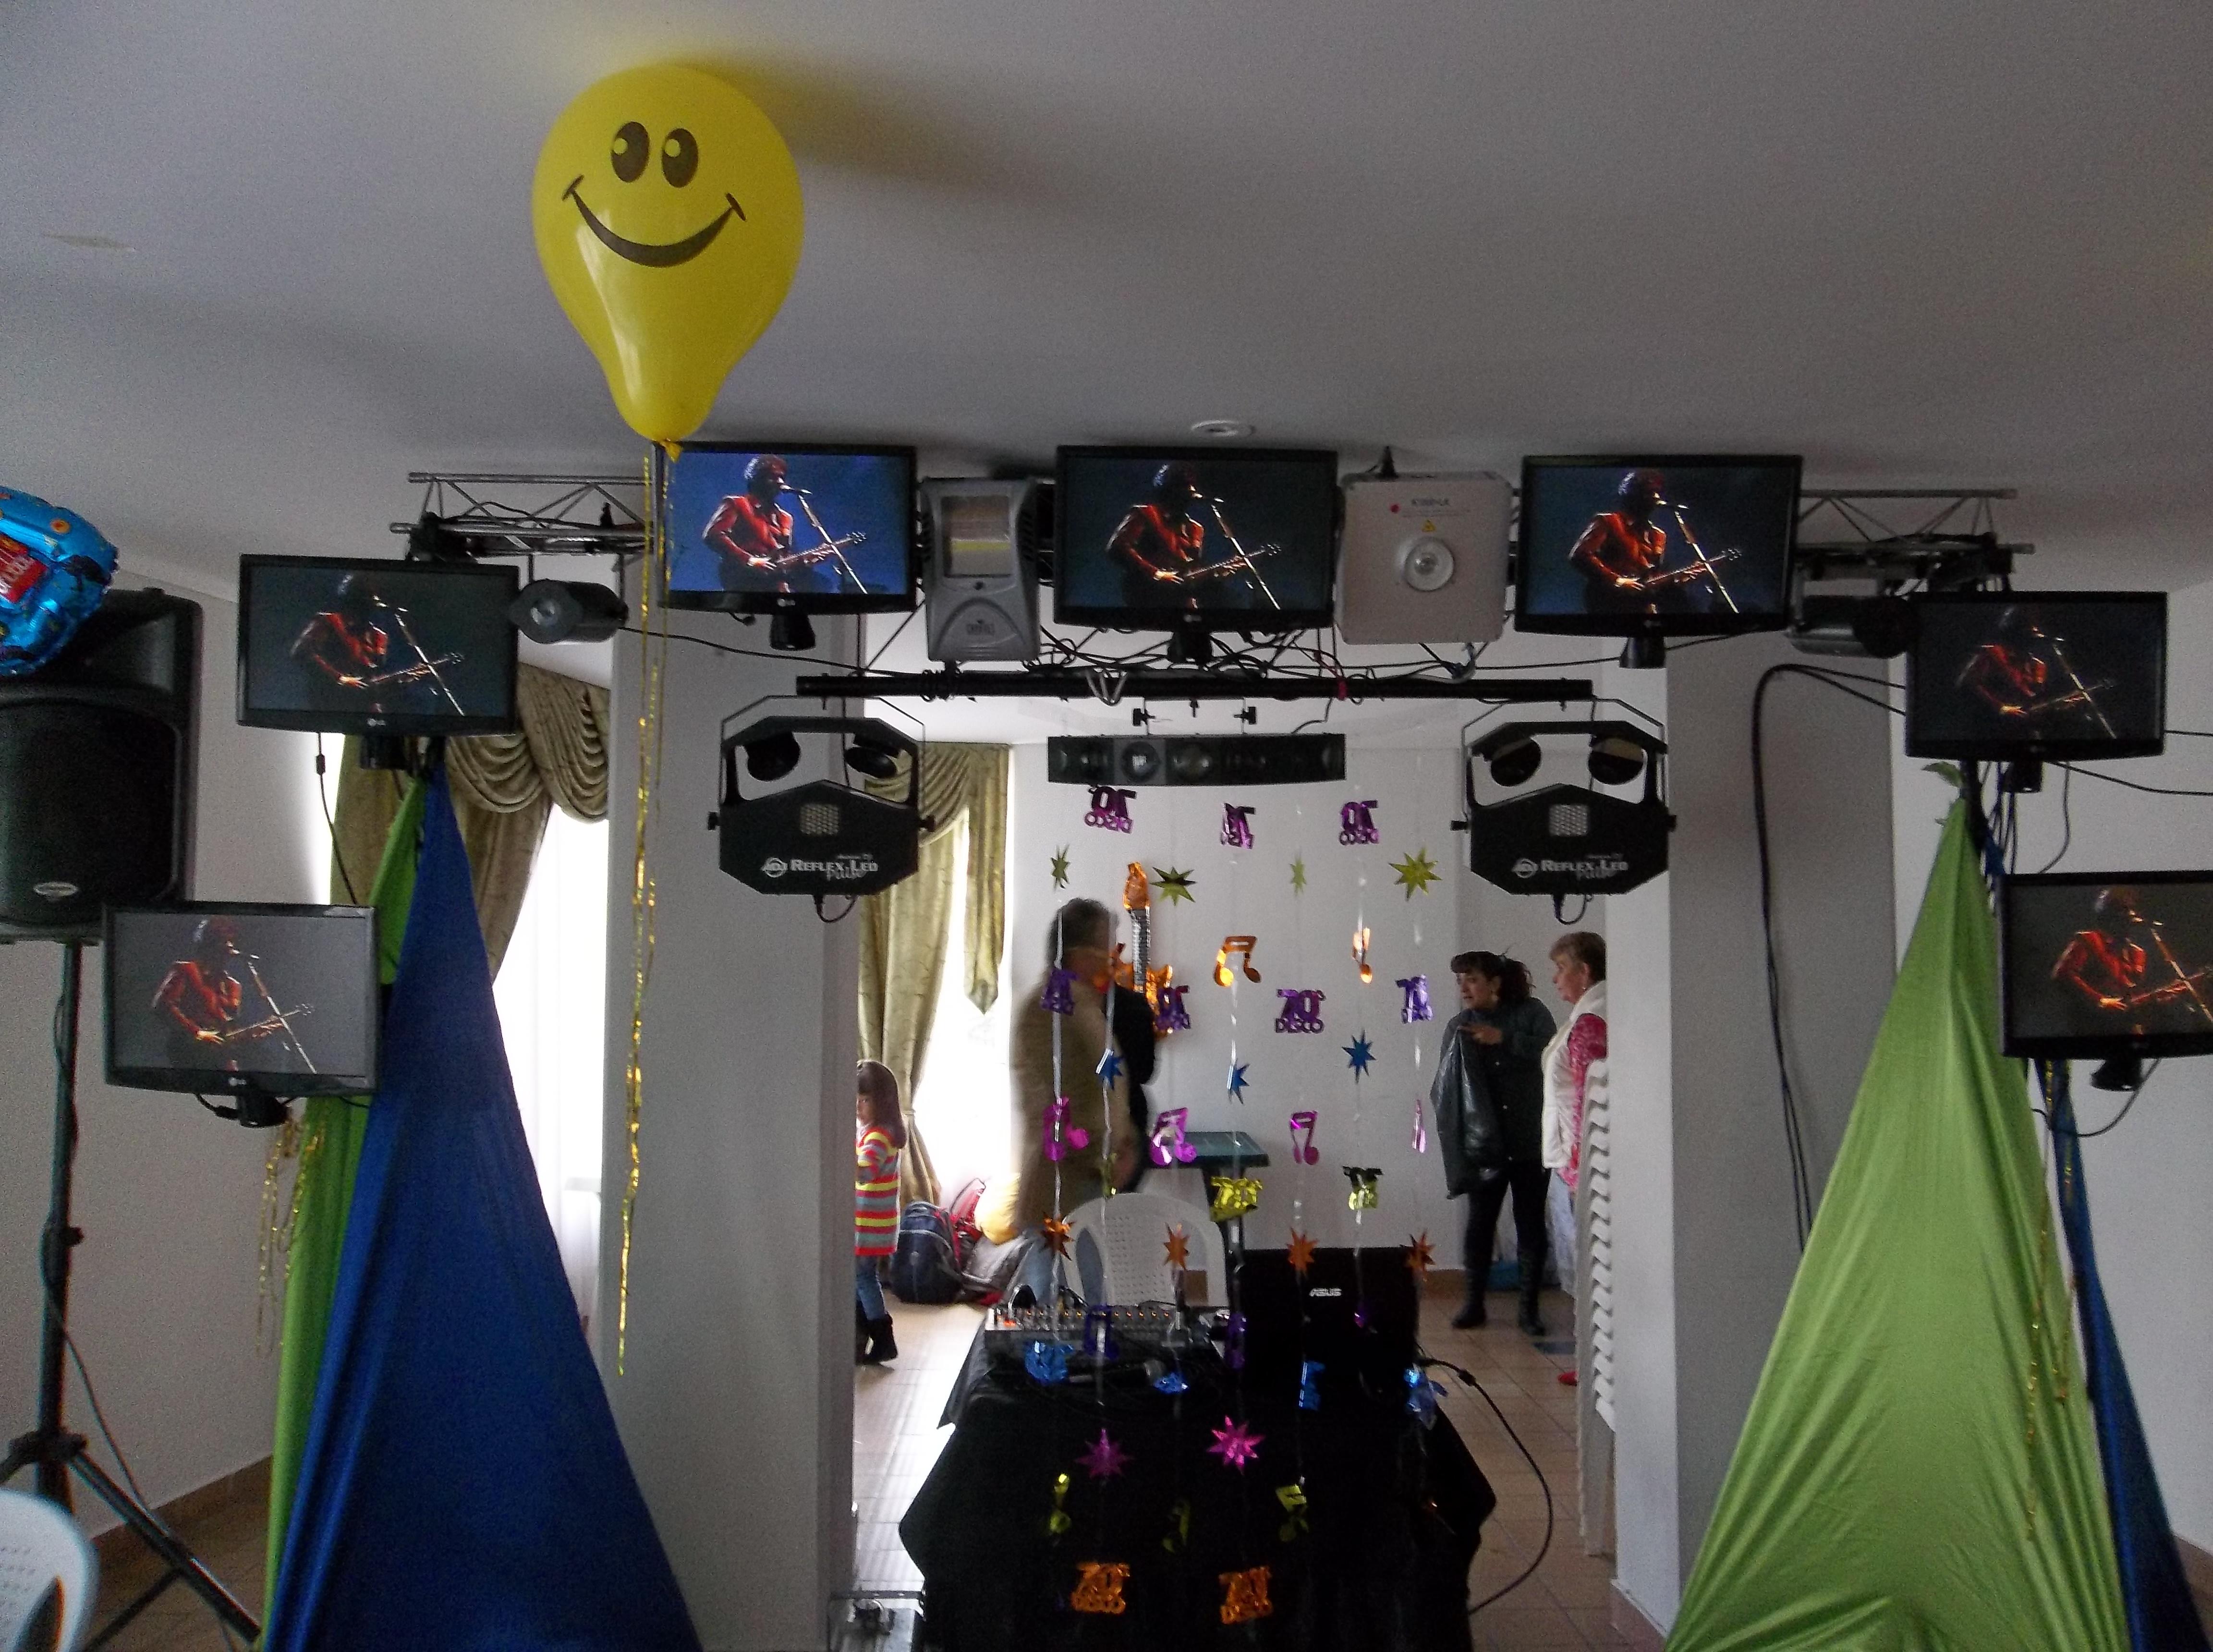 Alquiler de sonido luces y pantallas para fiestas y eventos 3